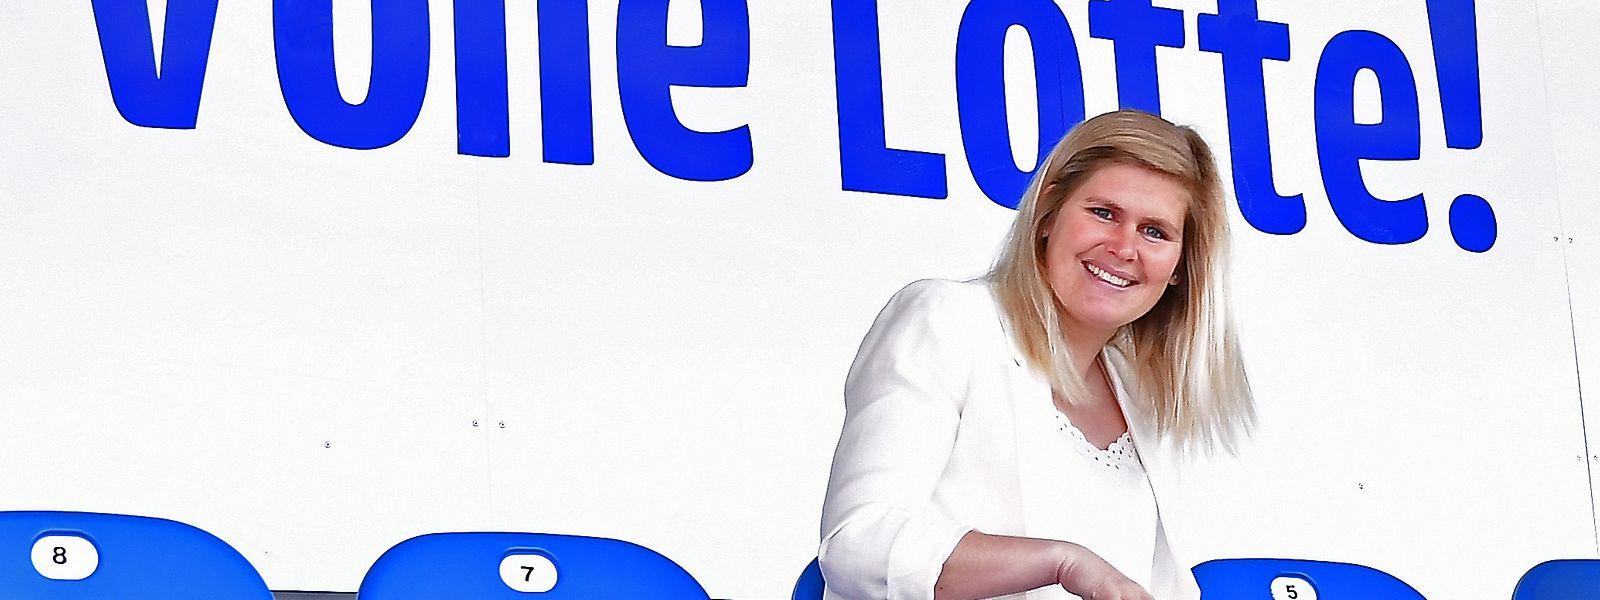 Volle Lotte: Imke Wübbenhorst freut sich auf die Spiele im Stadion am Lotter Kreuz. Foto: Manfred Mrugalla